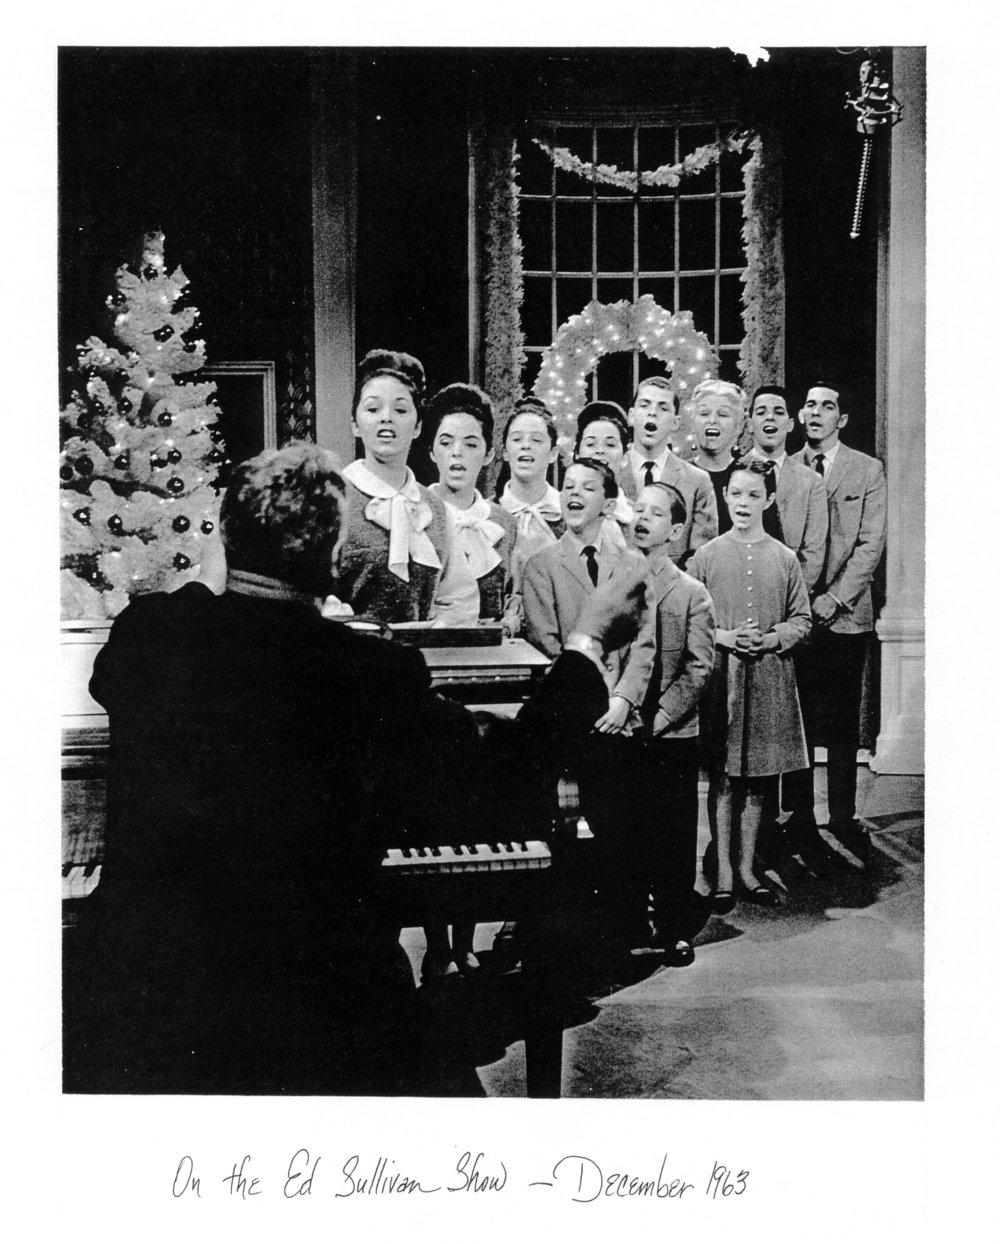 Ed Sullivan Show 1963